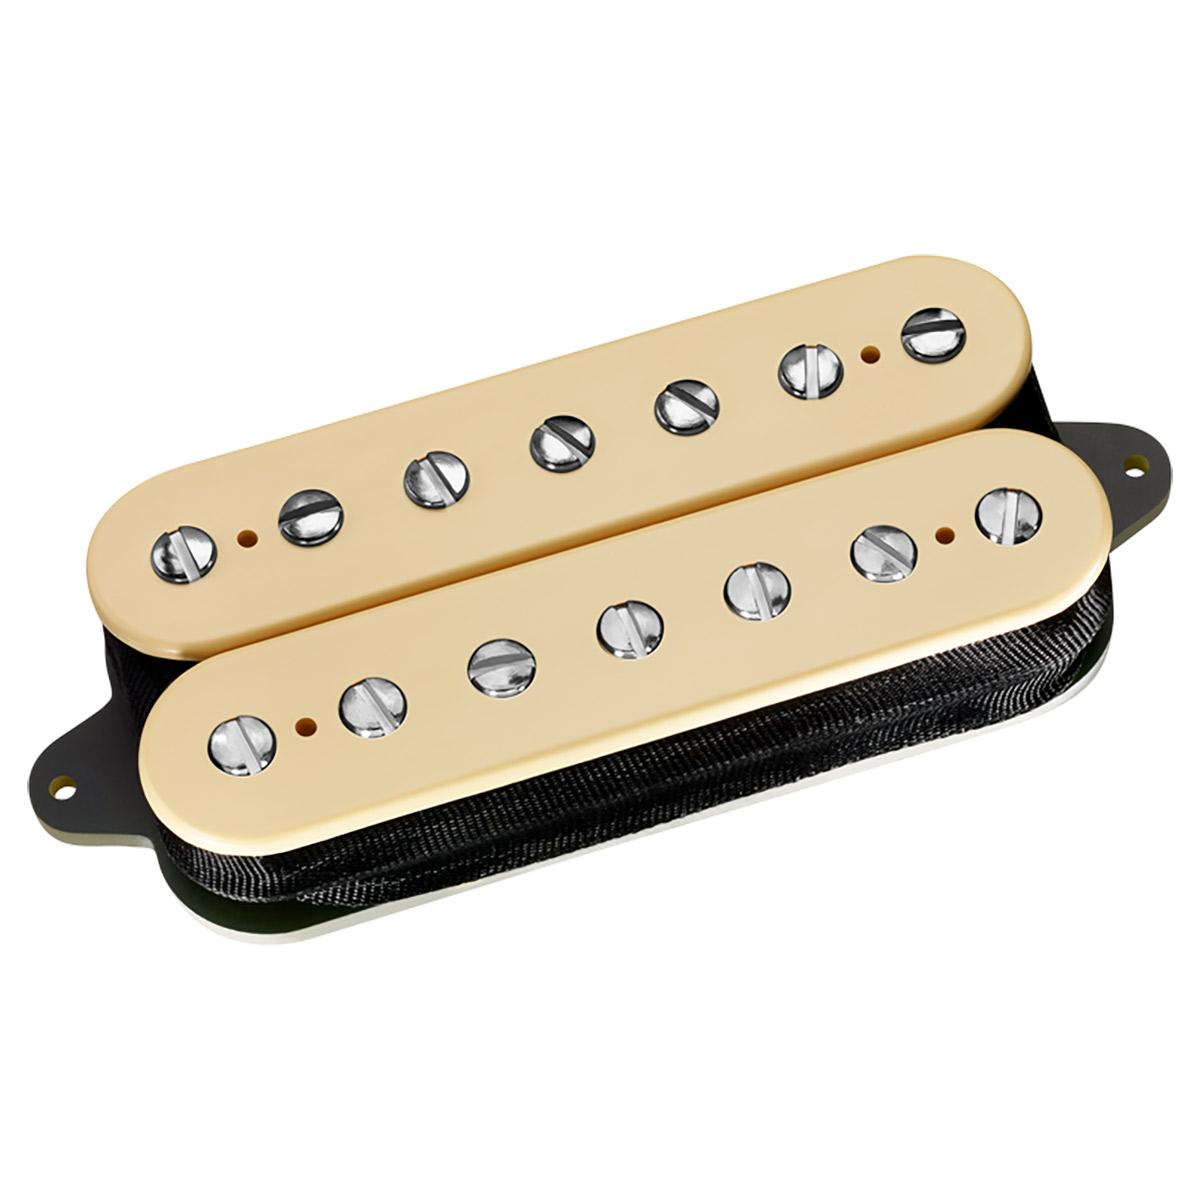 DiMarzio DP723 Rainmaker 7 NECK CR 7弦ギター用ピックアップ ハムバッカー クリーム 【ディマジオ レインメイカー】